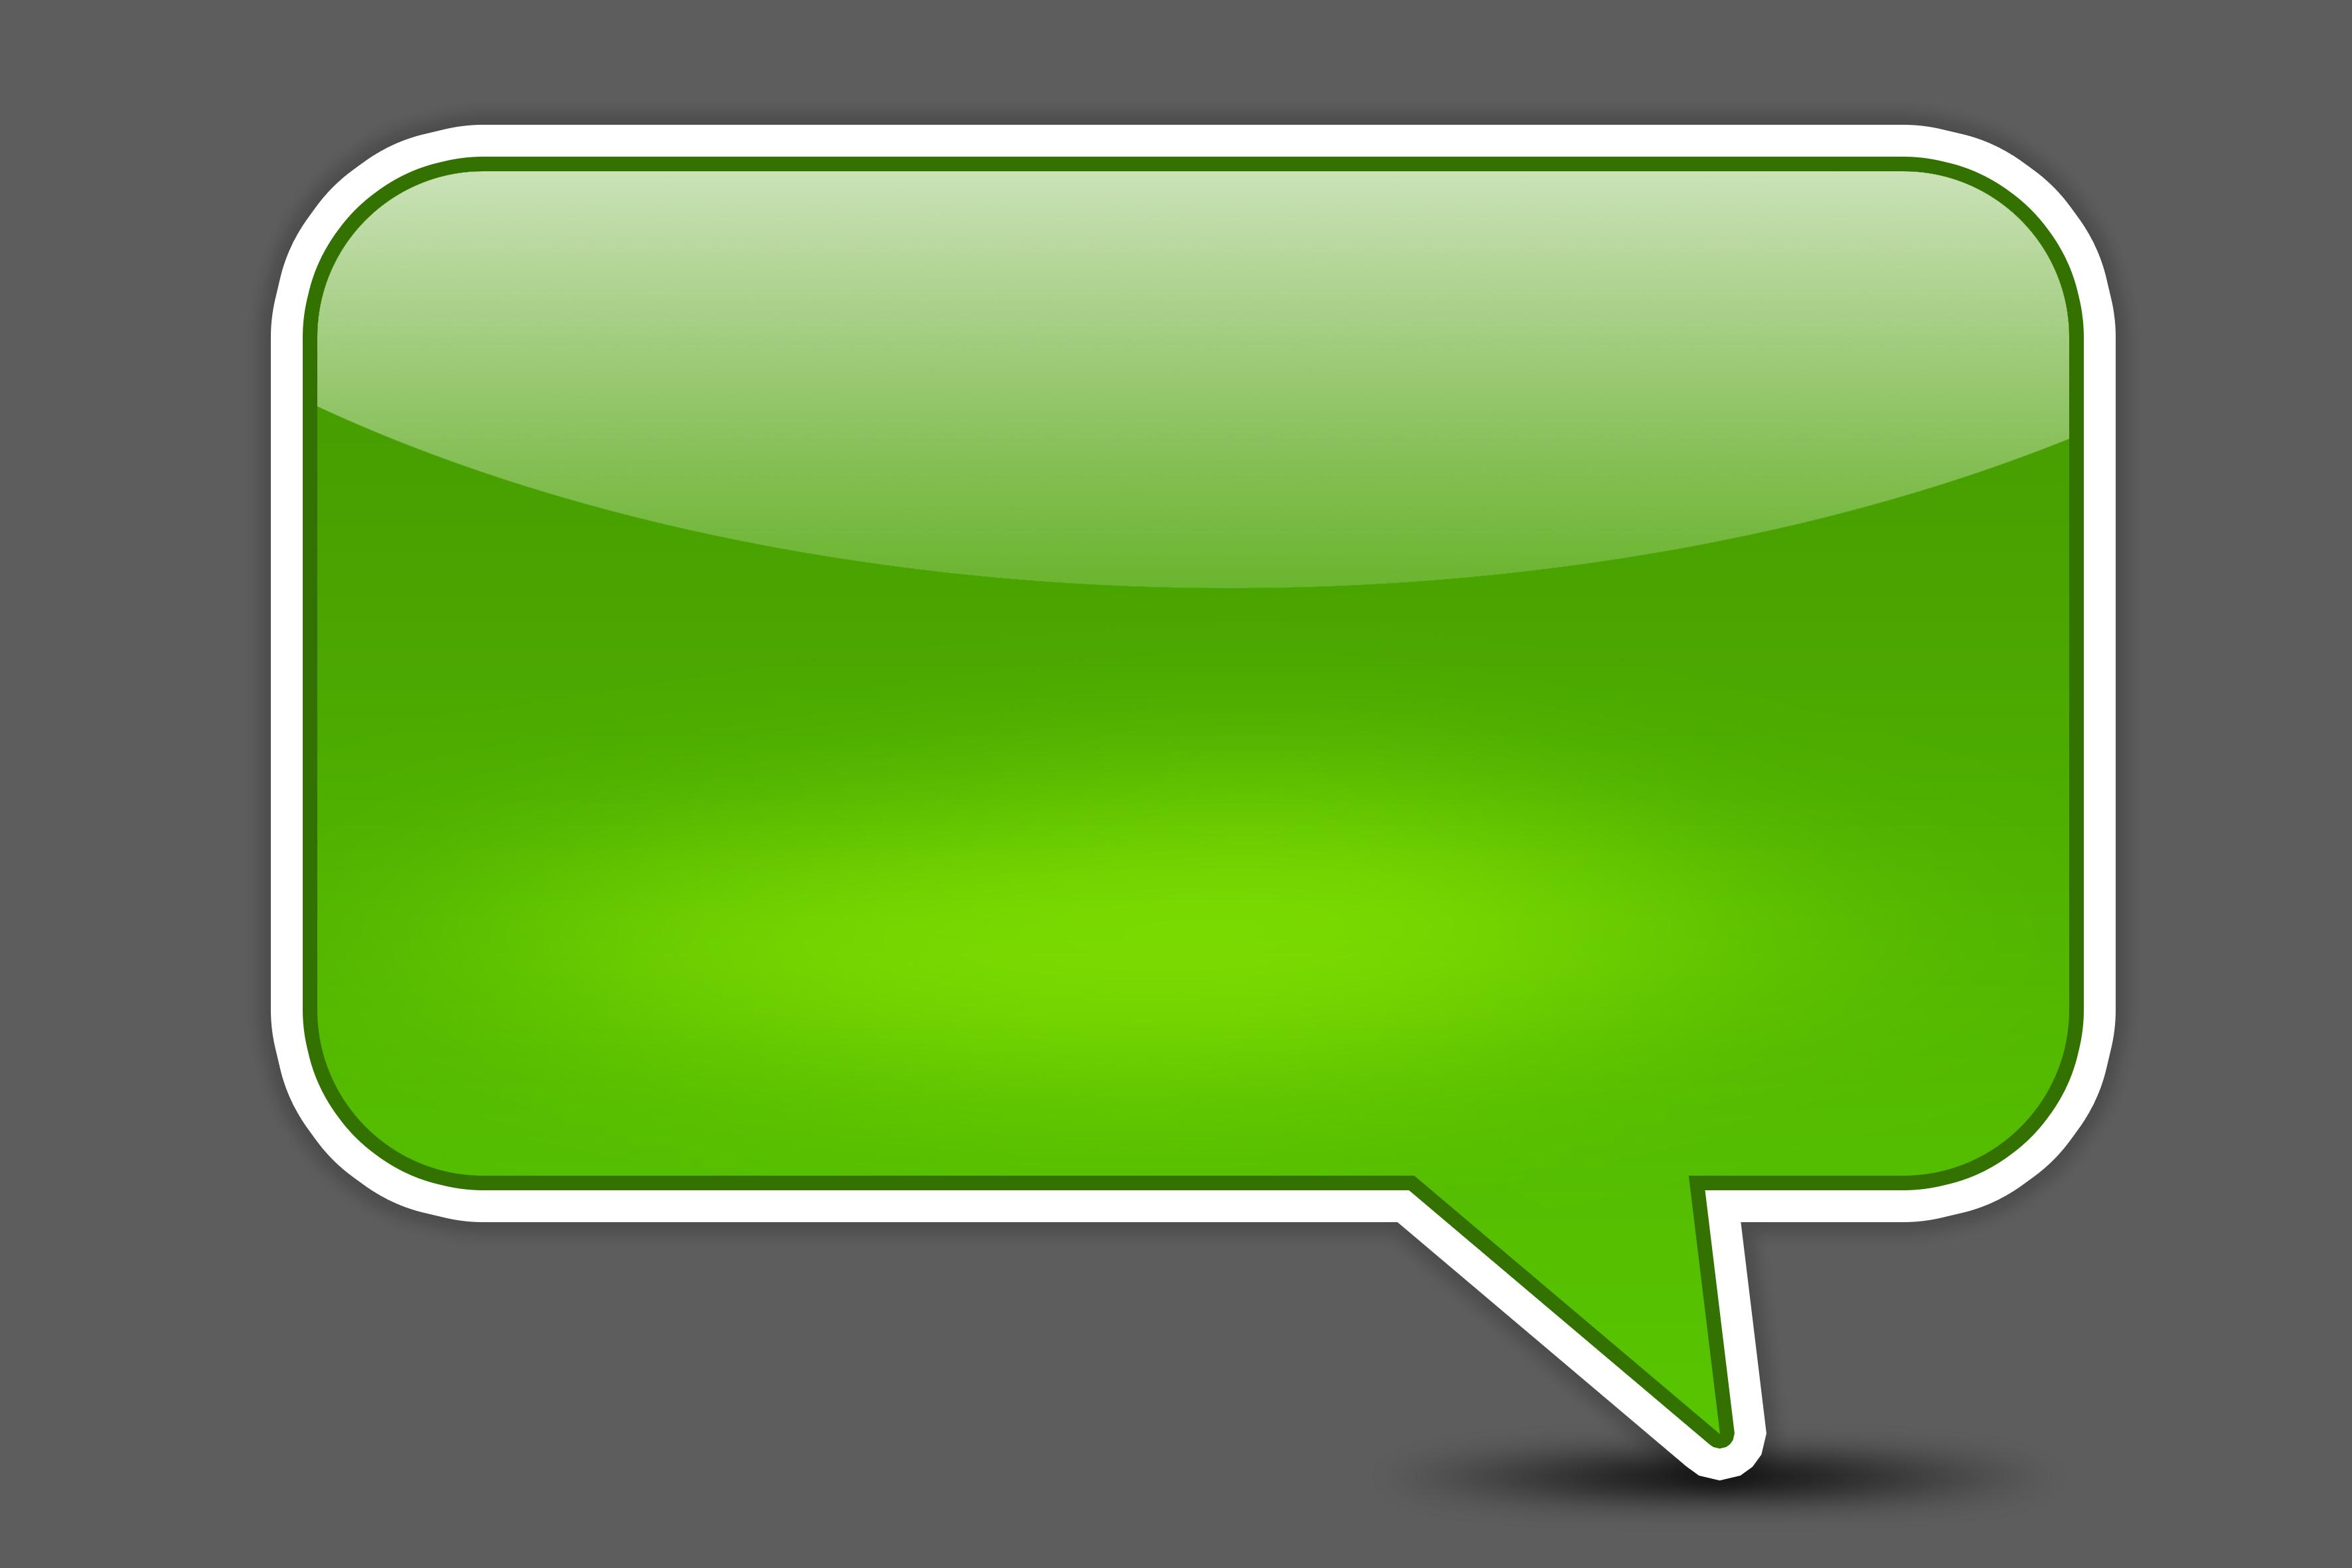 Text message conversation bubble clipart clipart freeuse Iphone Text Bubble PNG Transparent Iphone Text Bubble.PNG ... clipart freeuse